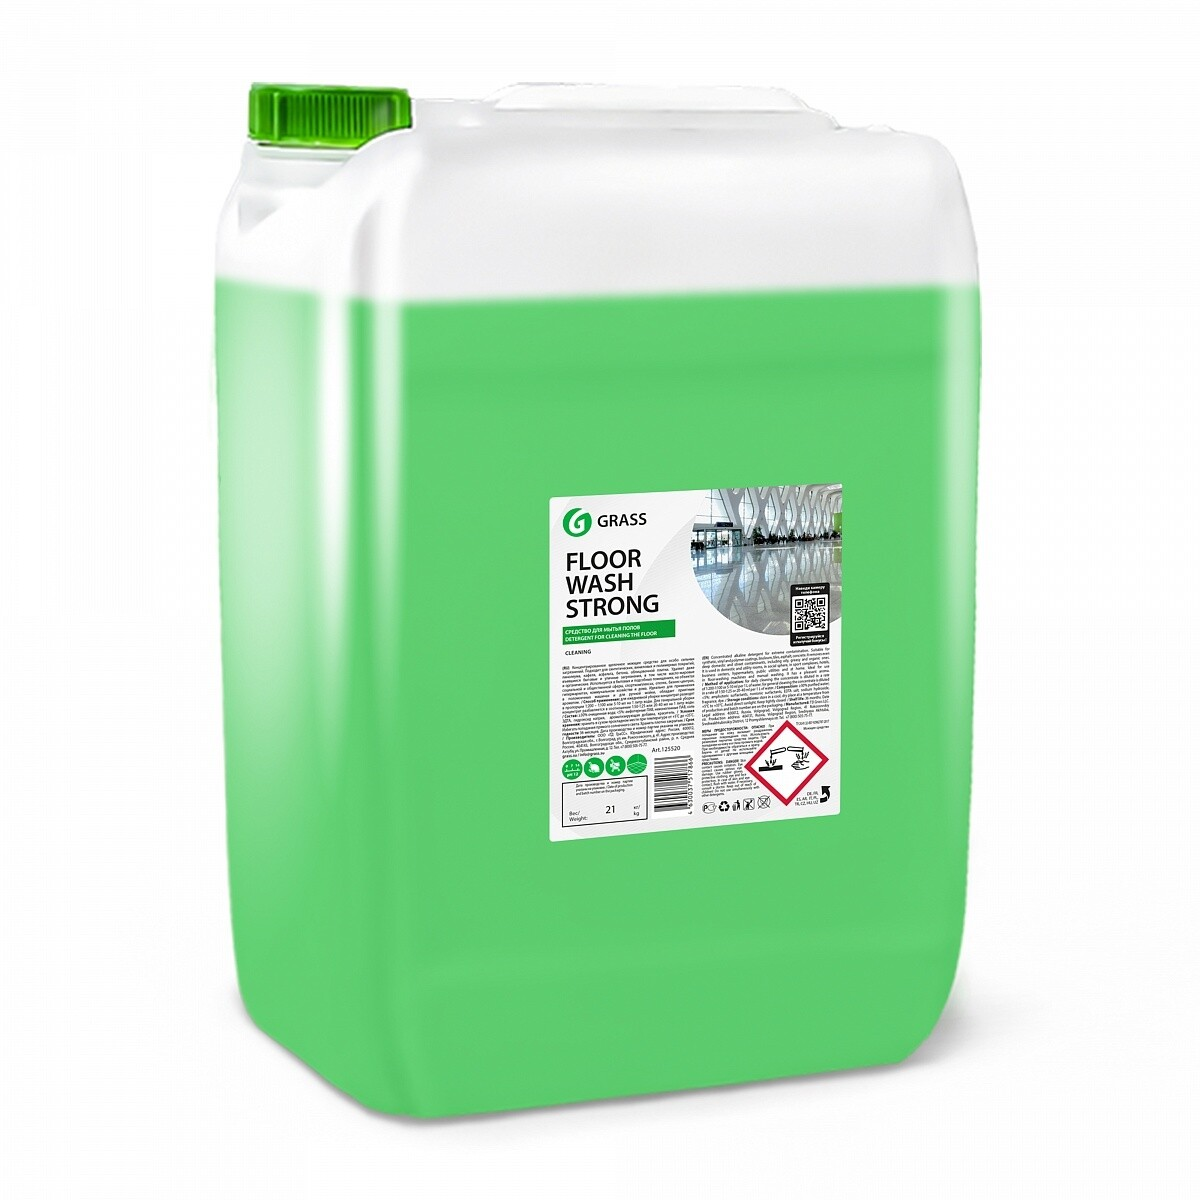 Floor wash Strong alkaline floor cleaner, 21,3 kg